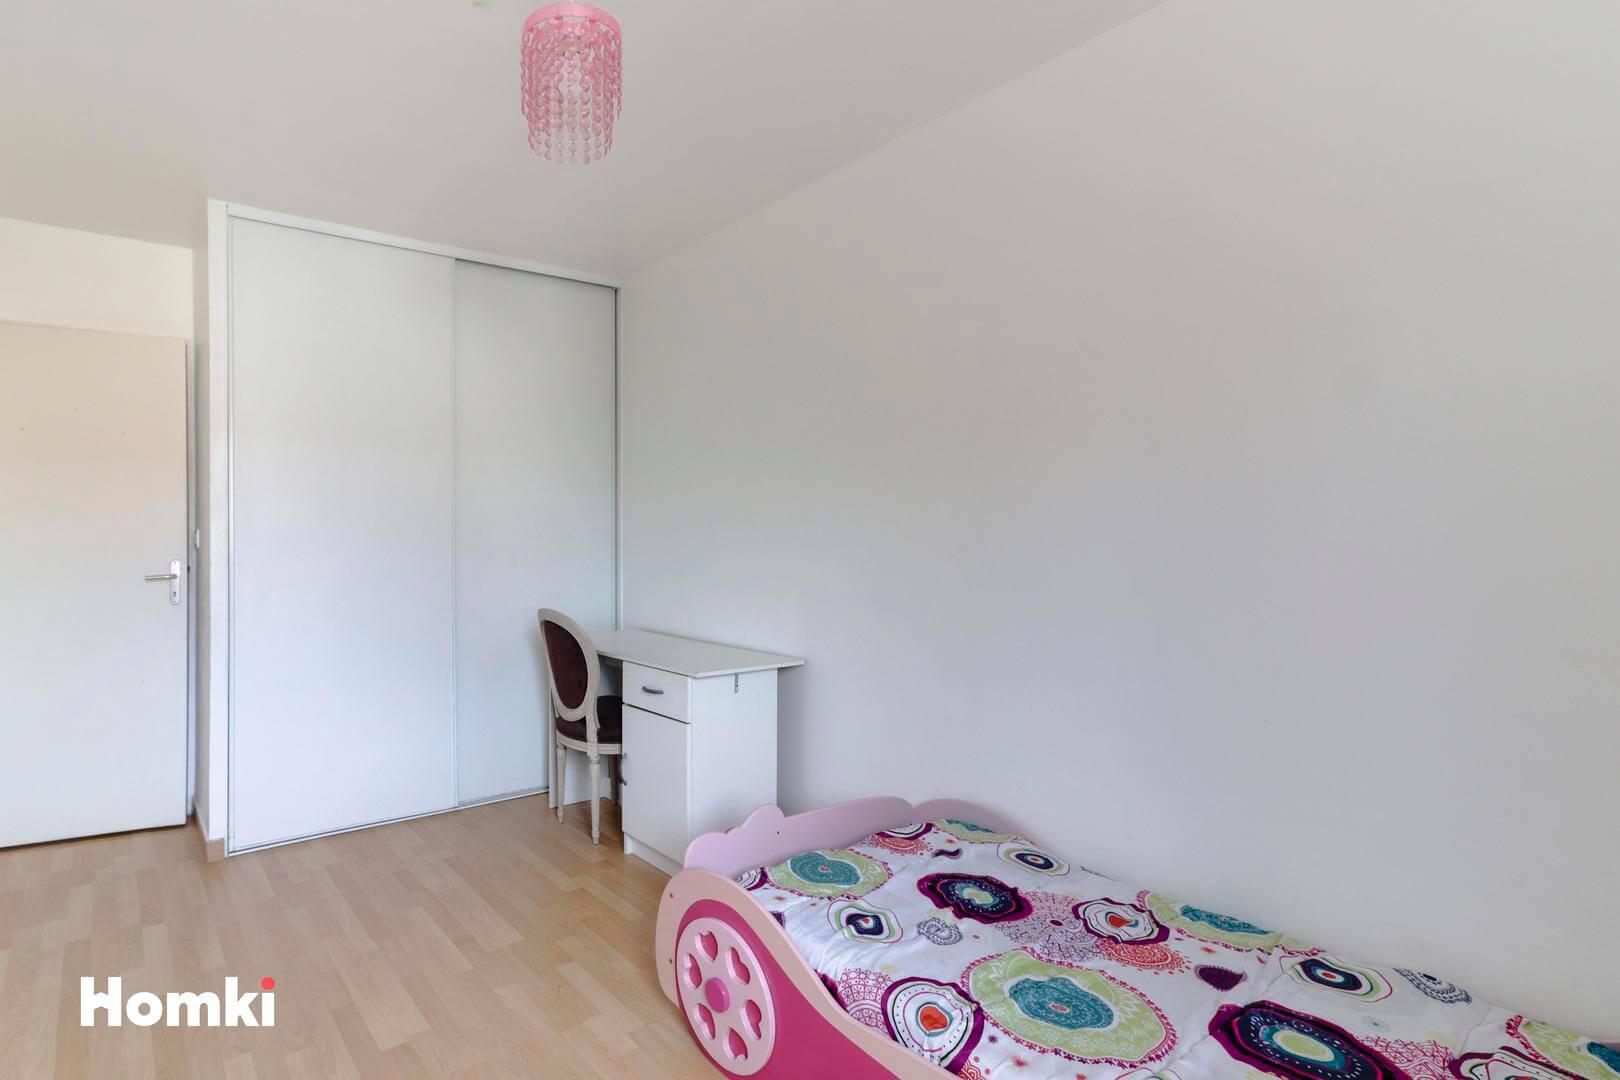 Homki - Vente Maison/villa  de 96.0 m² à Colomiers 31770